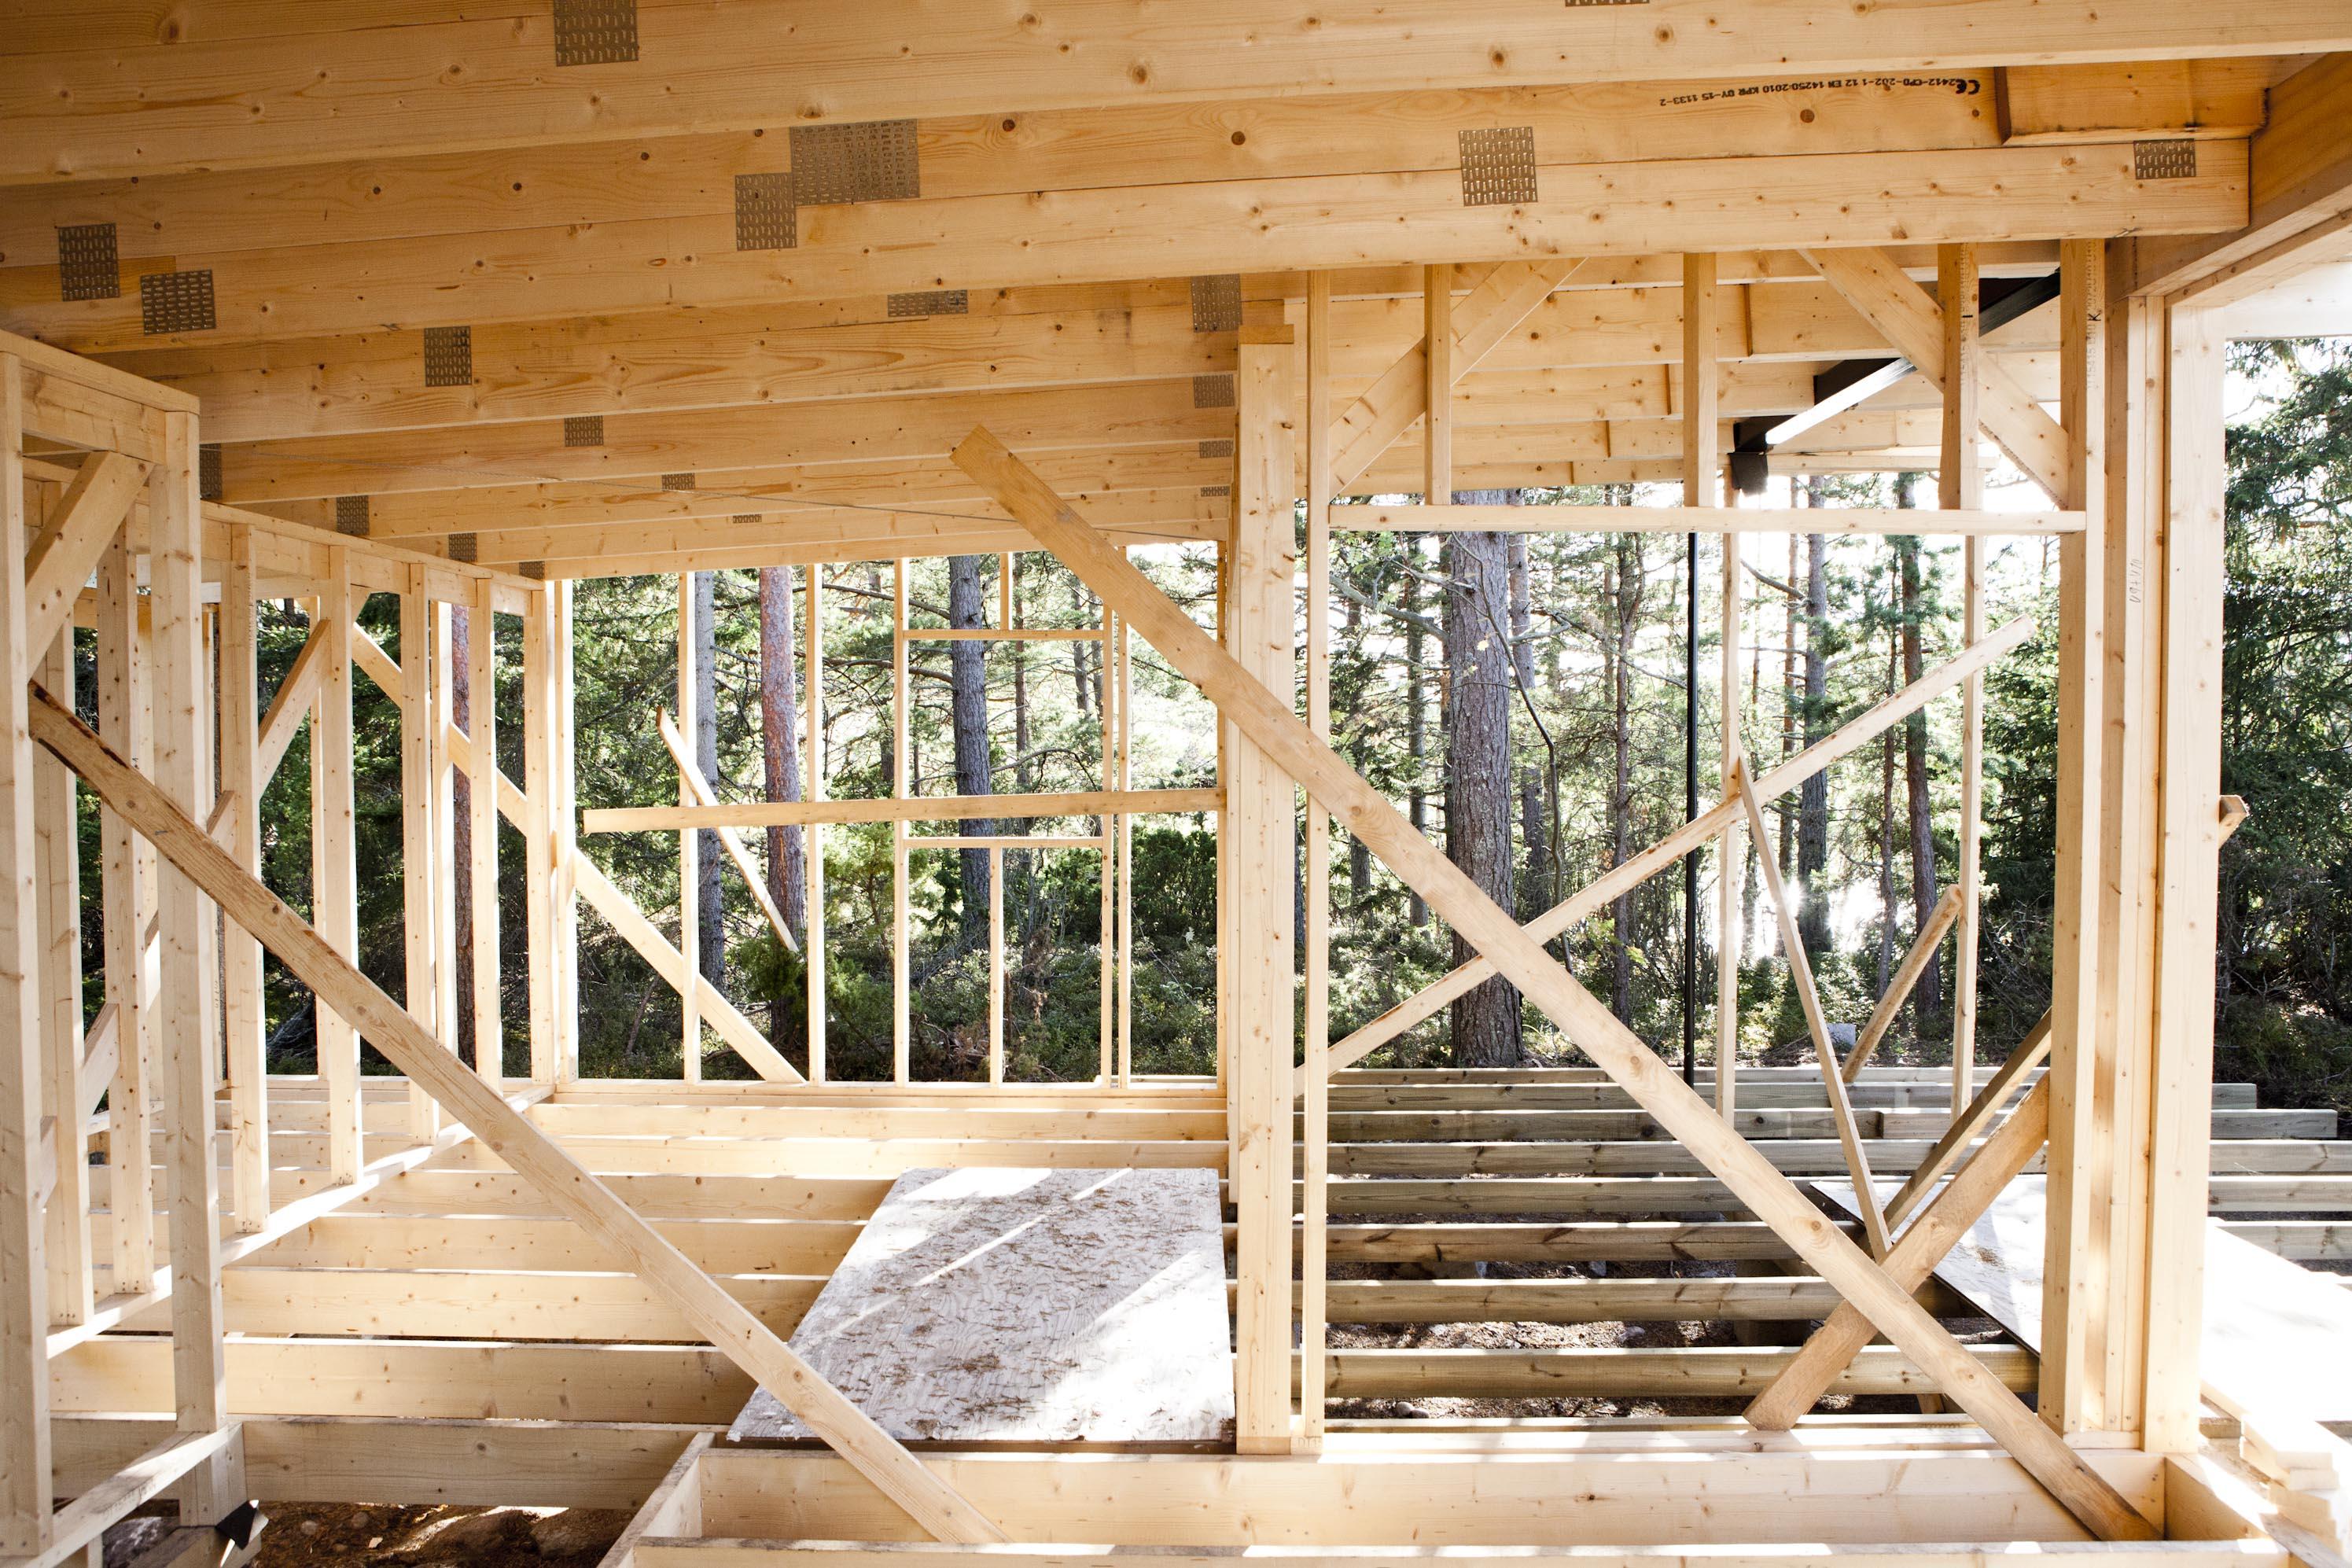 Voinko rakentaa taloni itse?